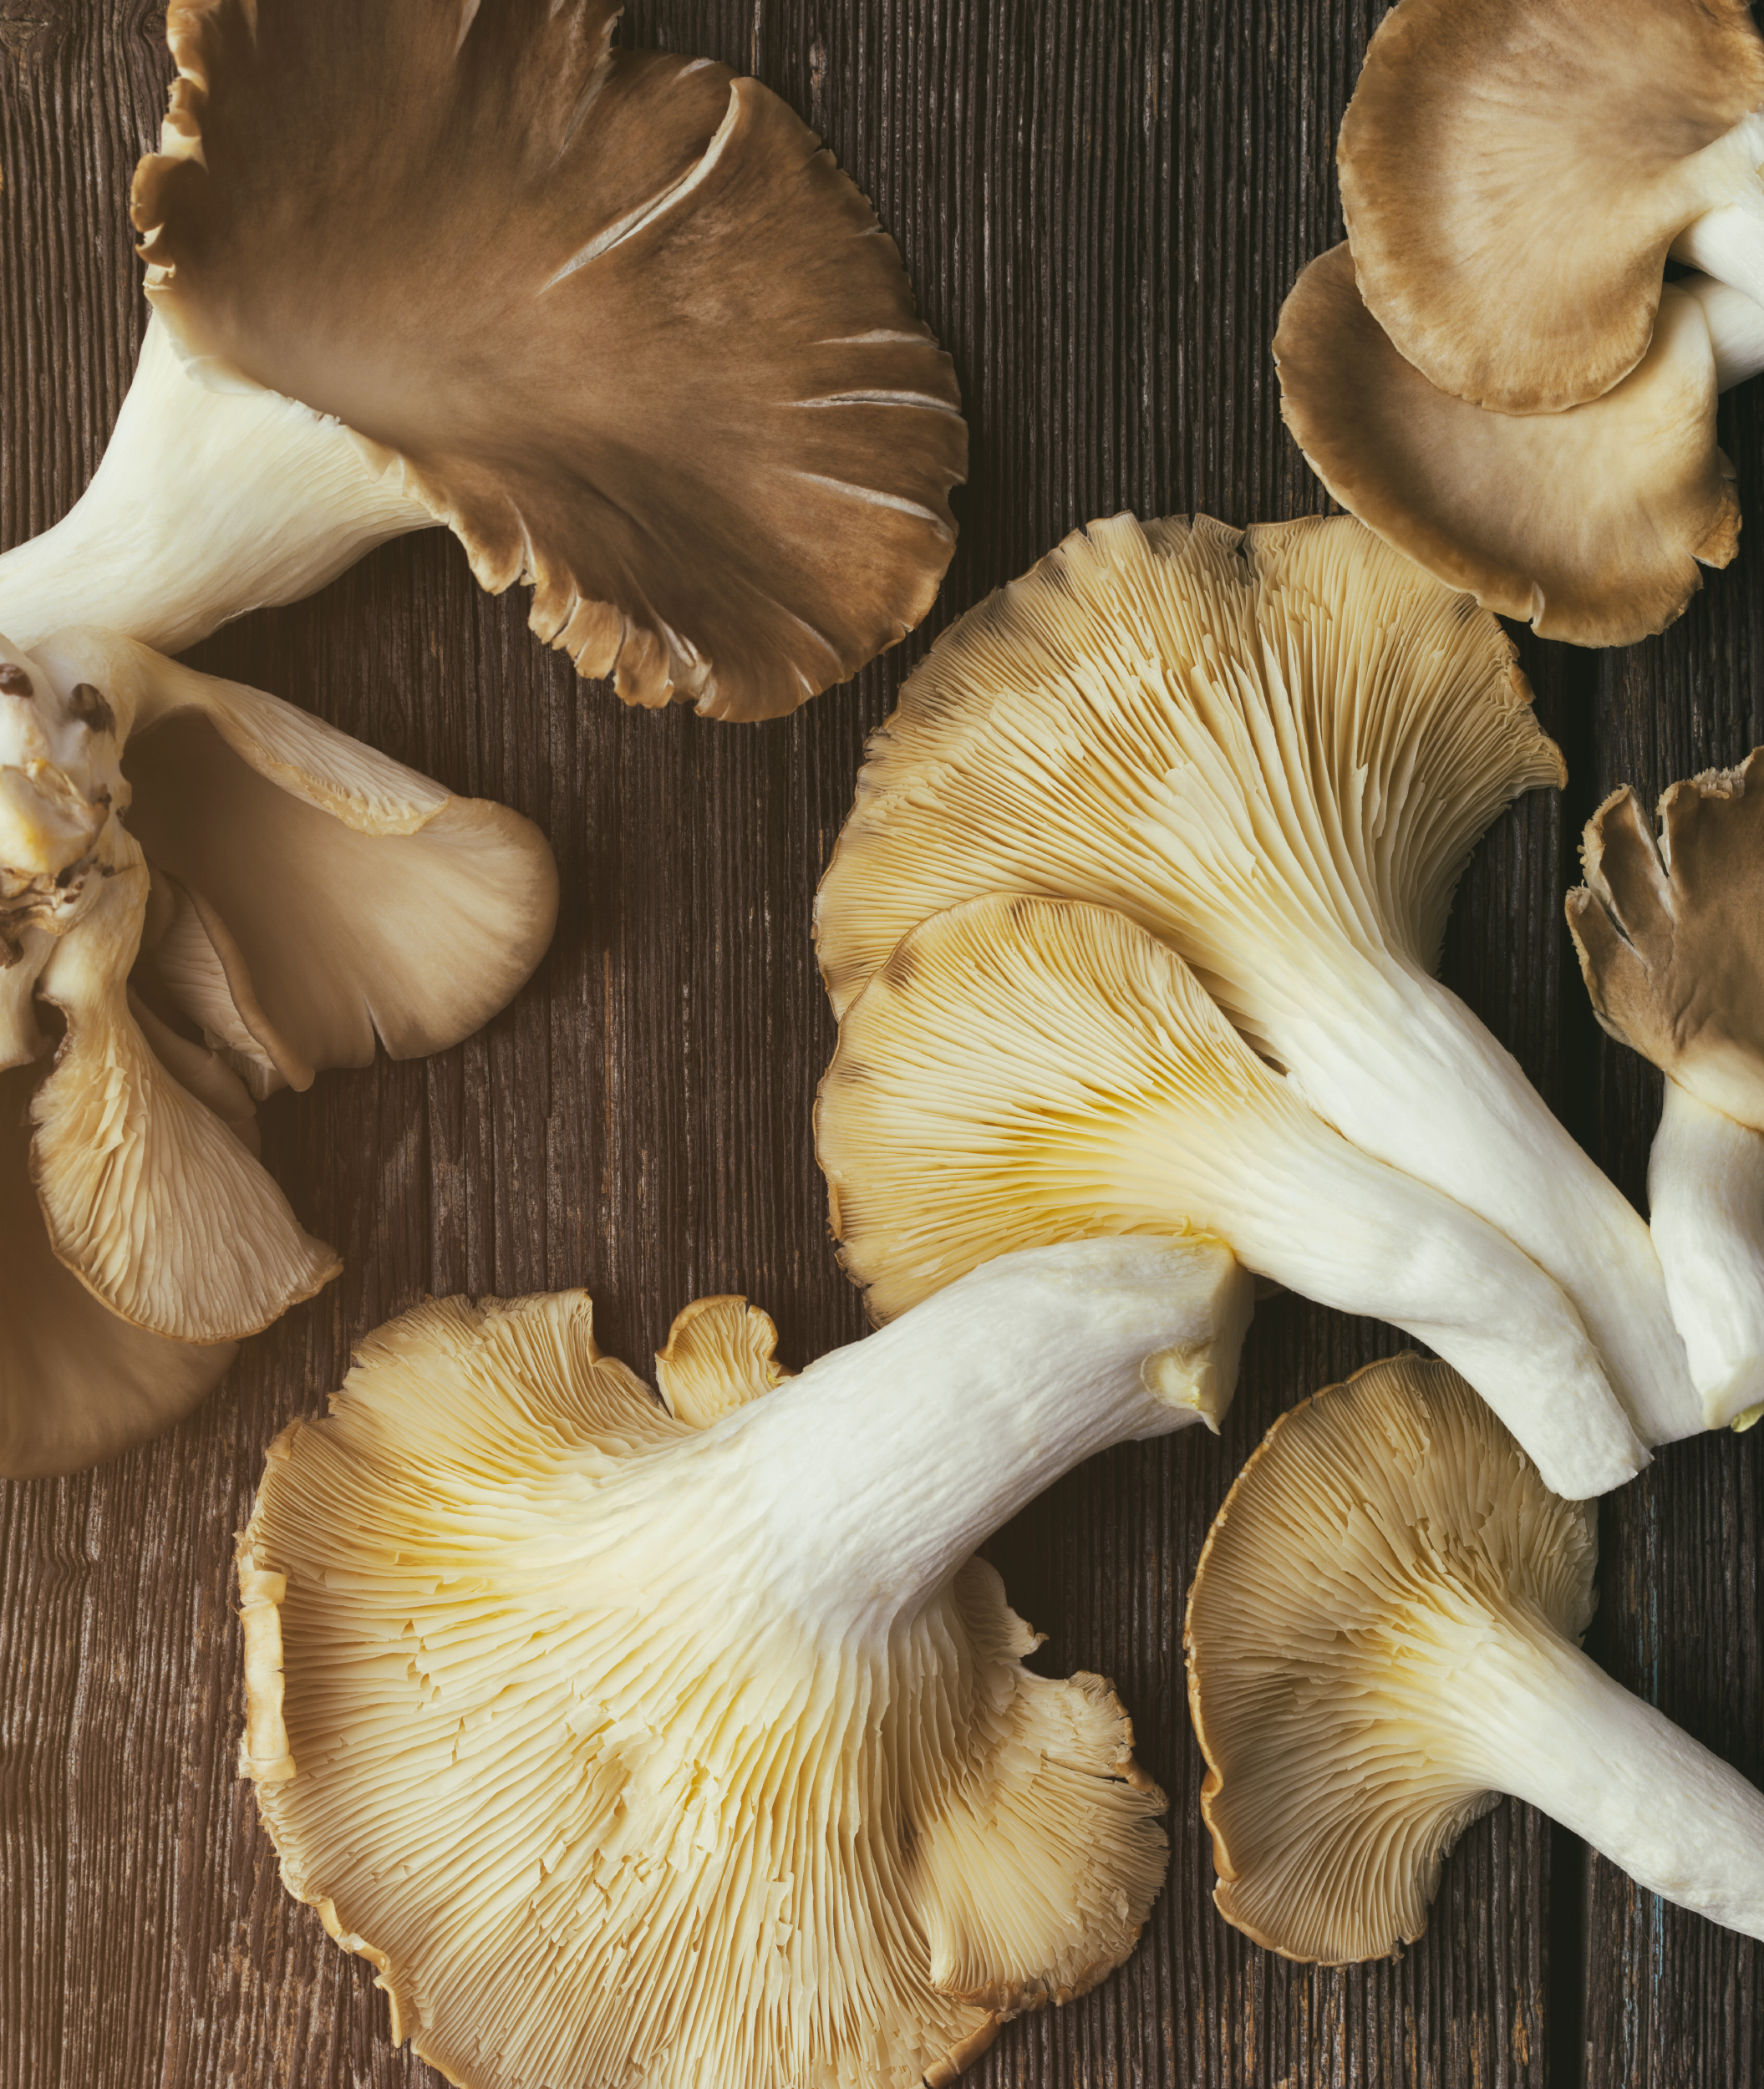 CL16046_MushroomOverhead 2_0048_2.jpg